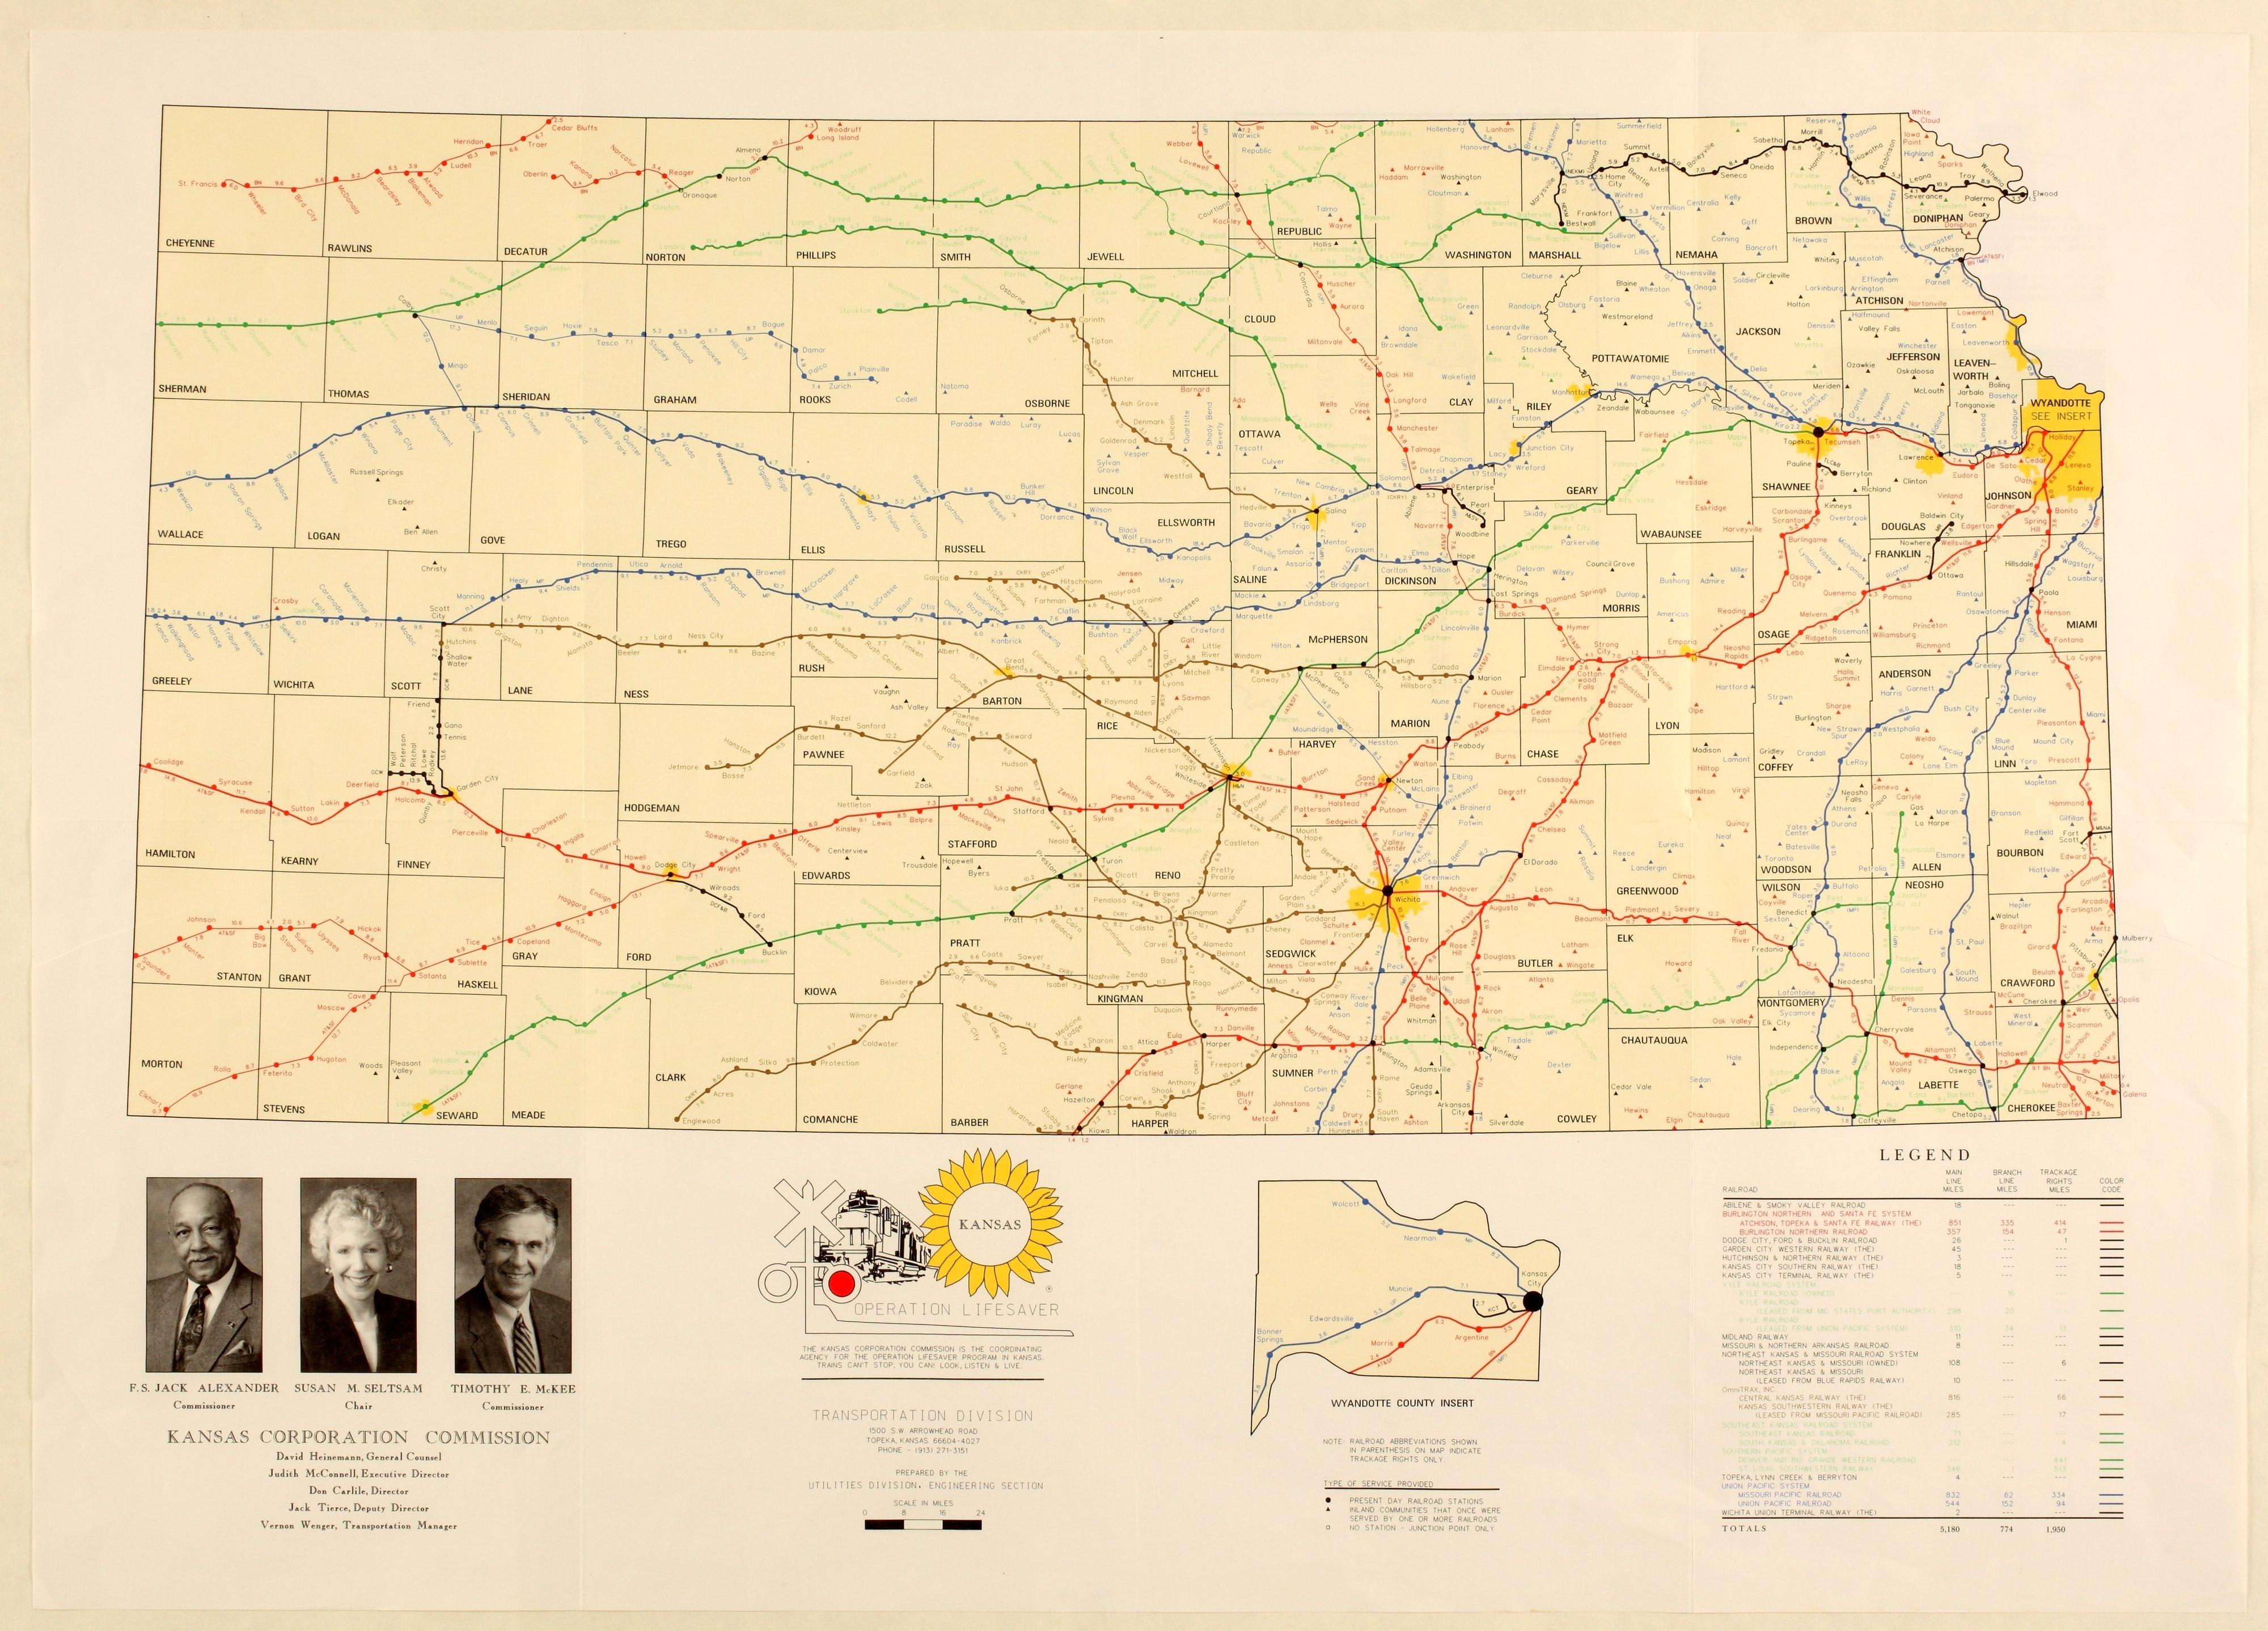 State Map Of Kansas.Official Kansas State Railroad Map Kansas Memory Kansas